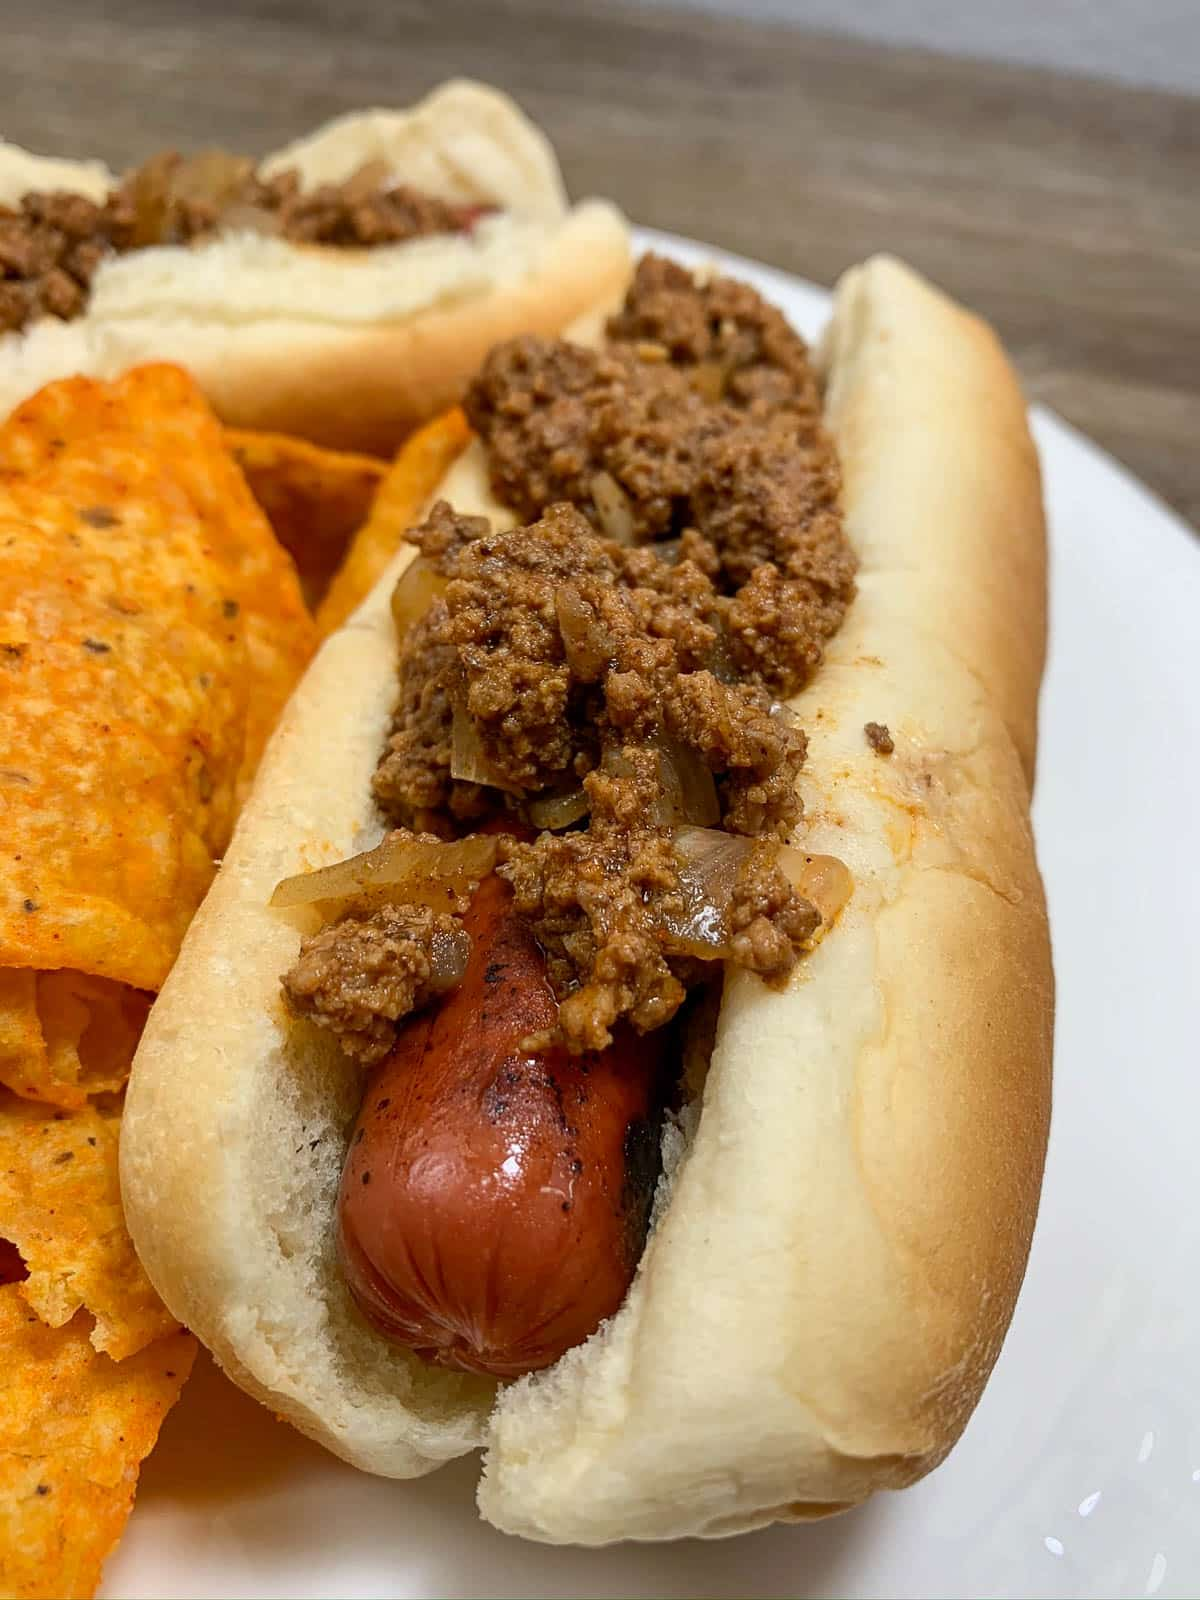 chili on hot dog